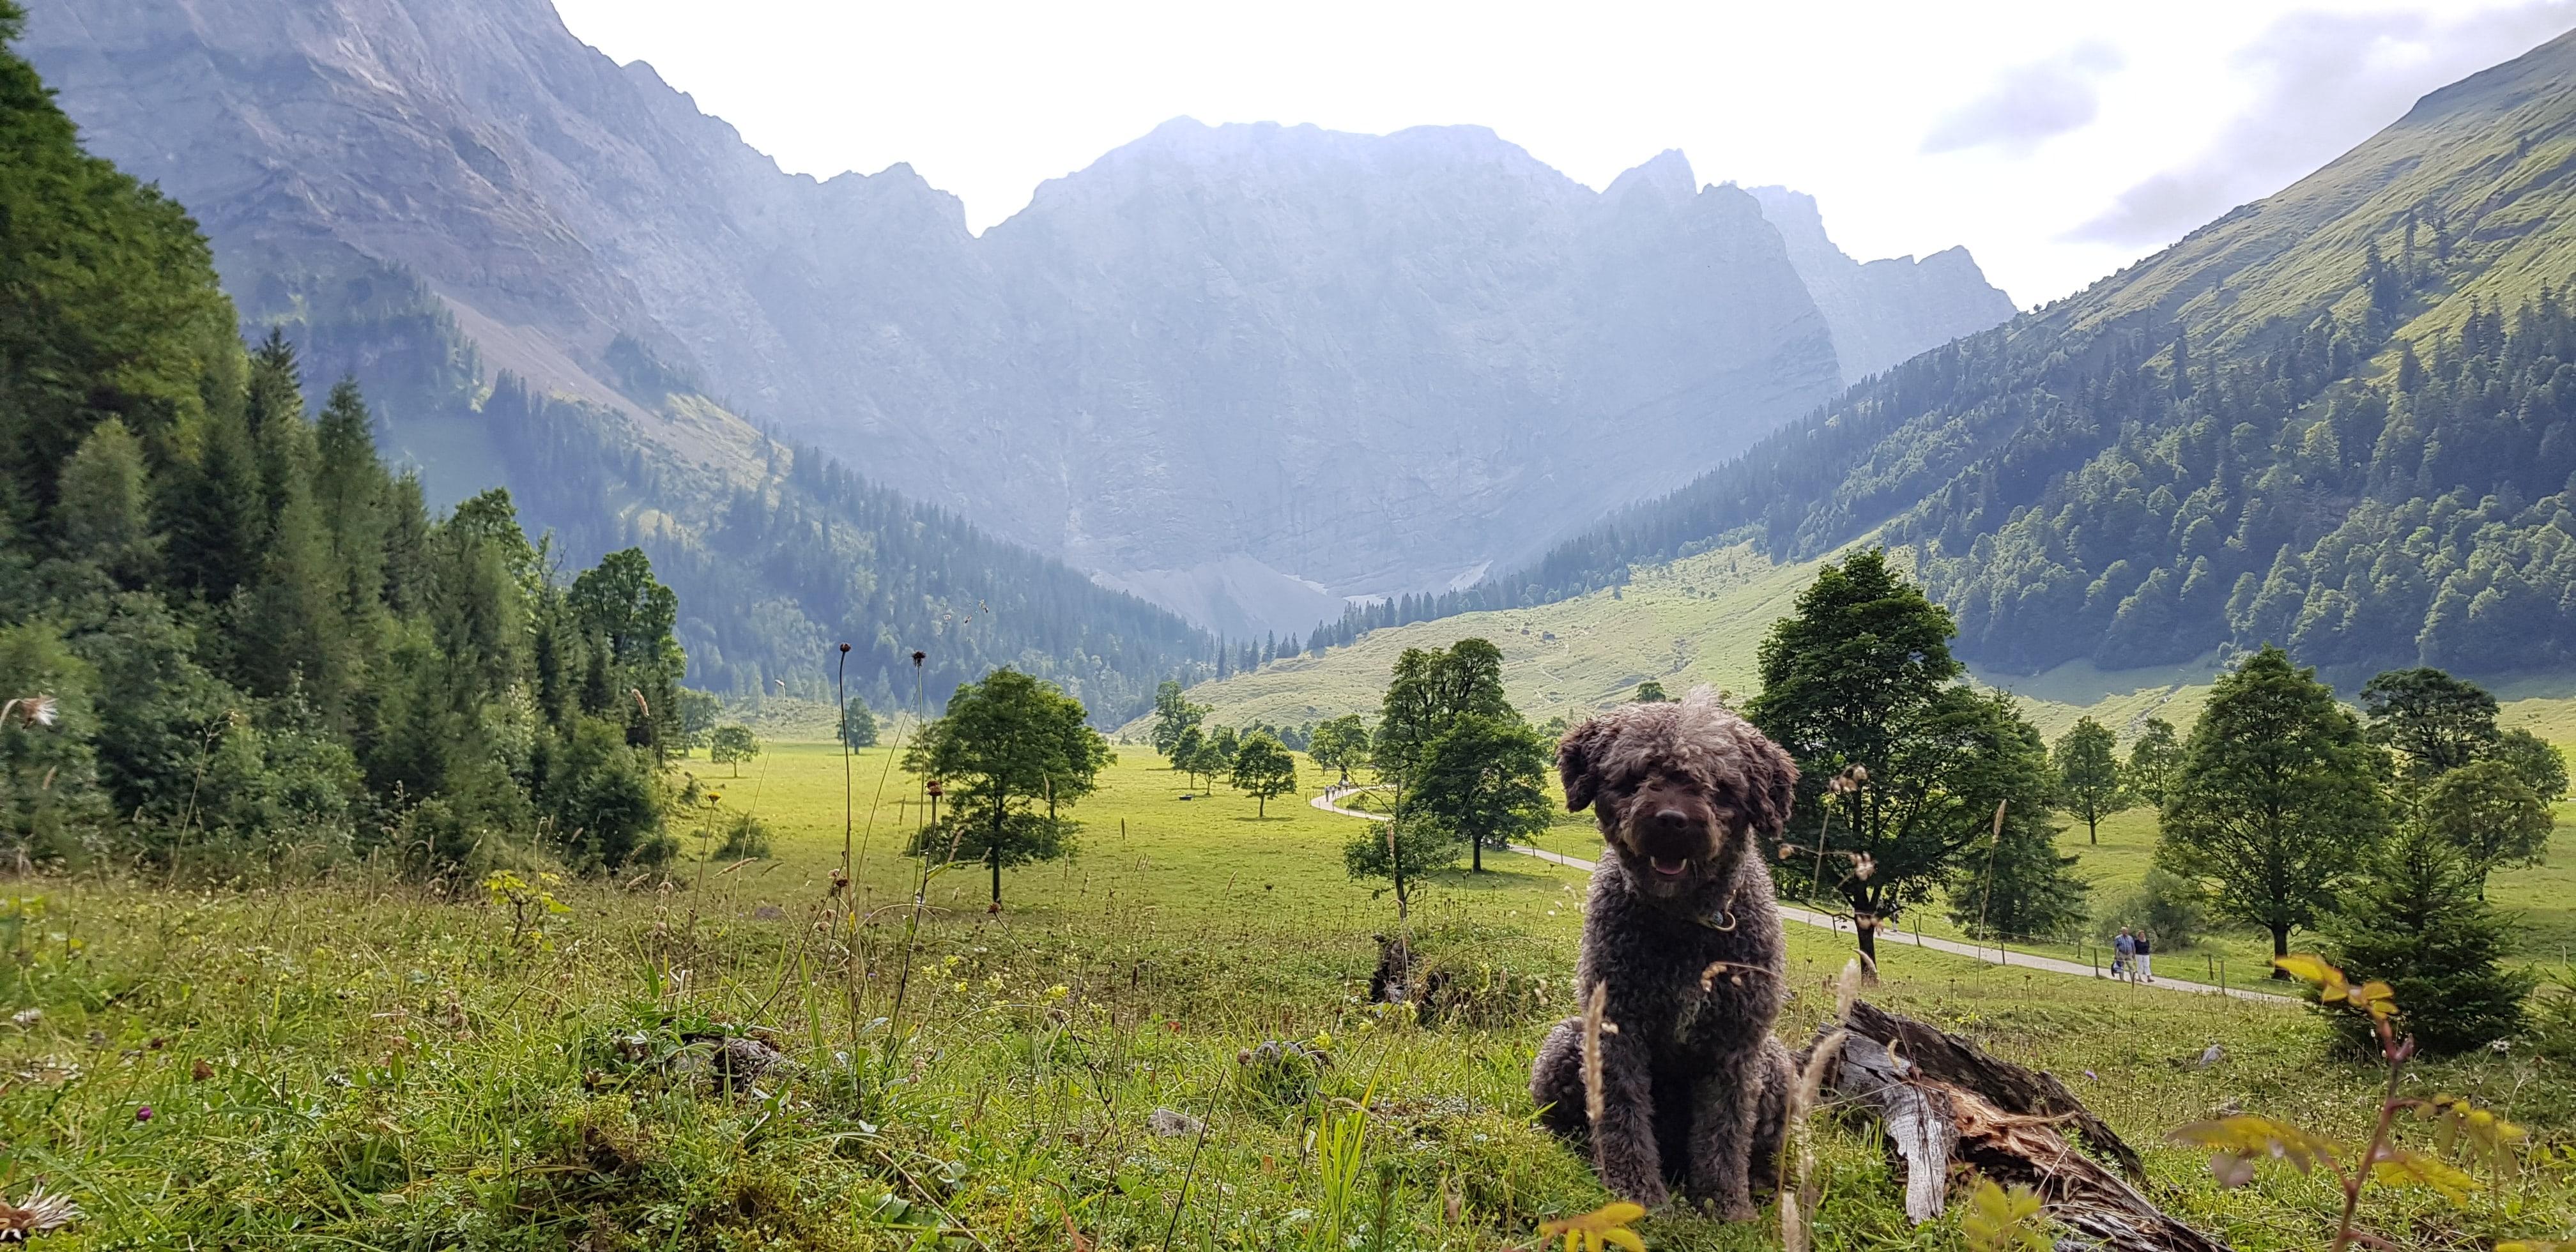 Mío in Eng, Karwendelgebirge